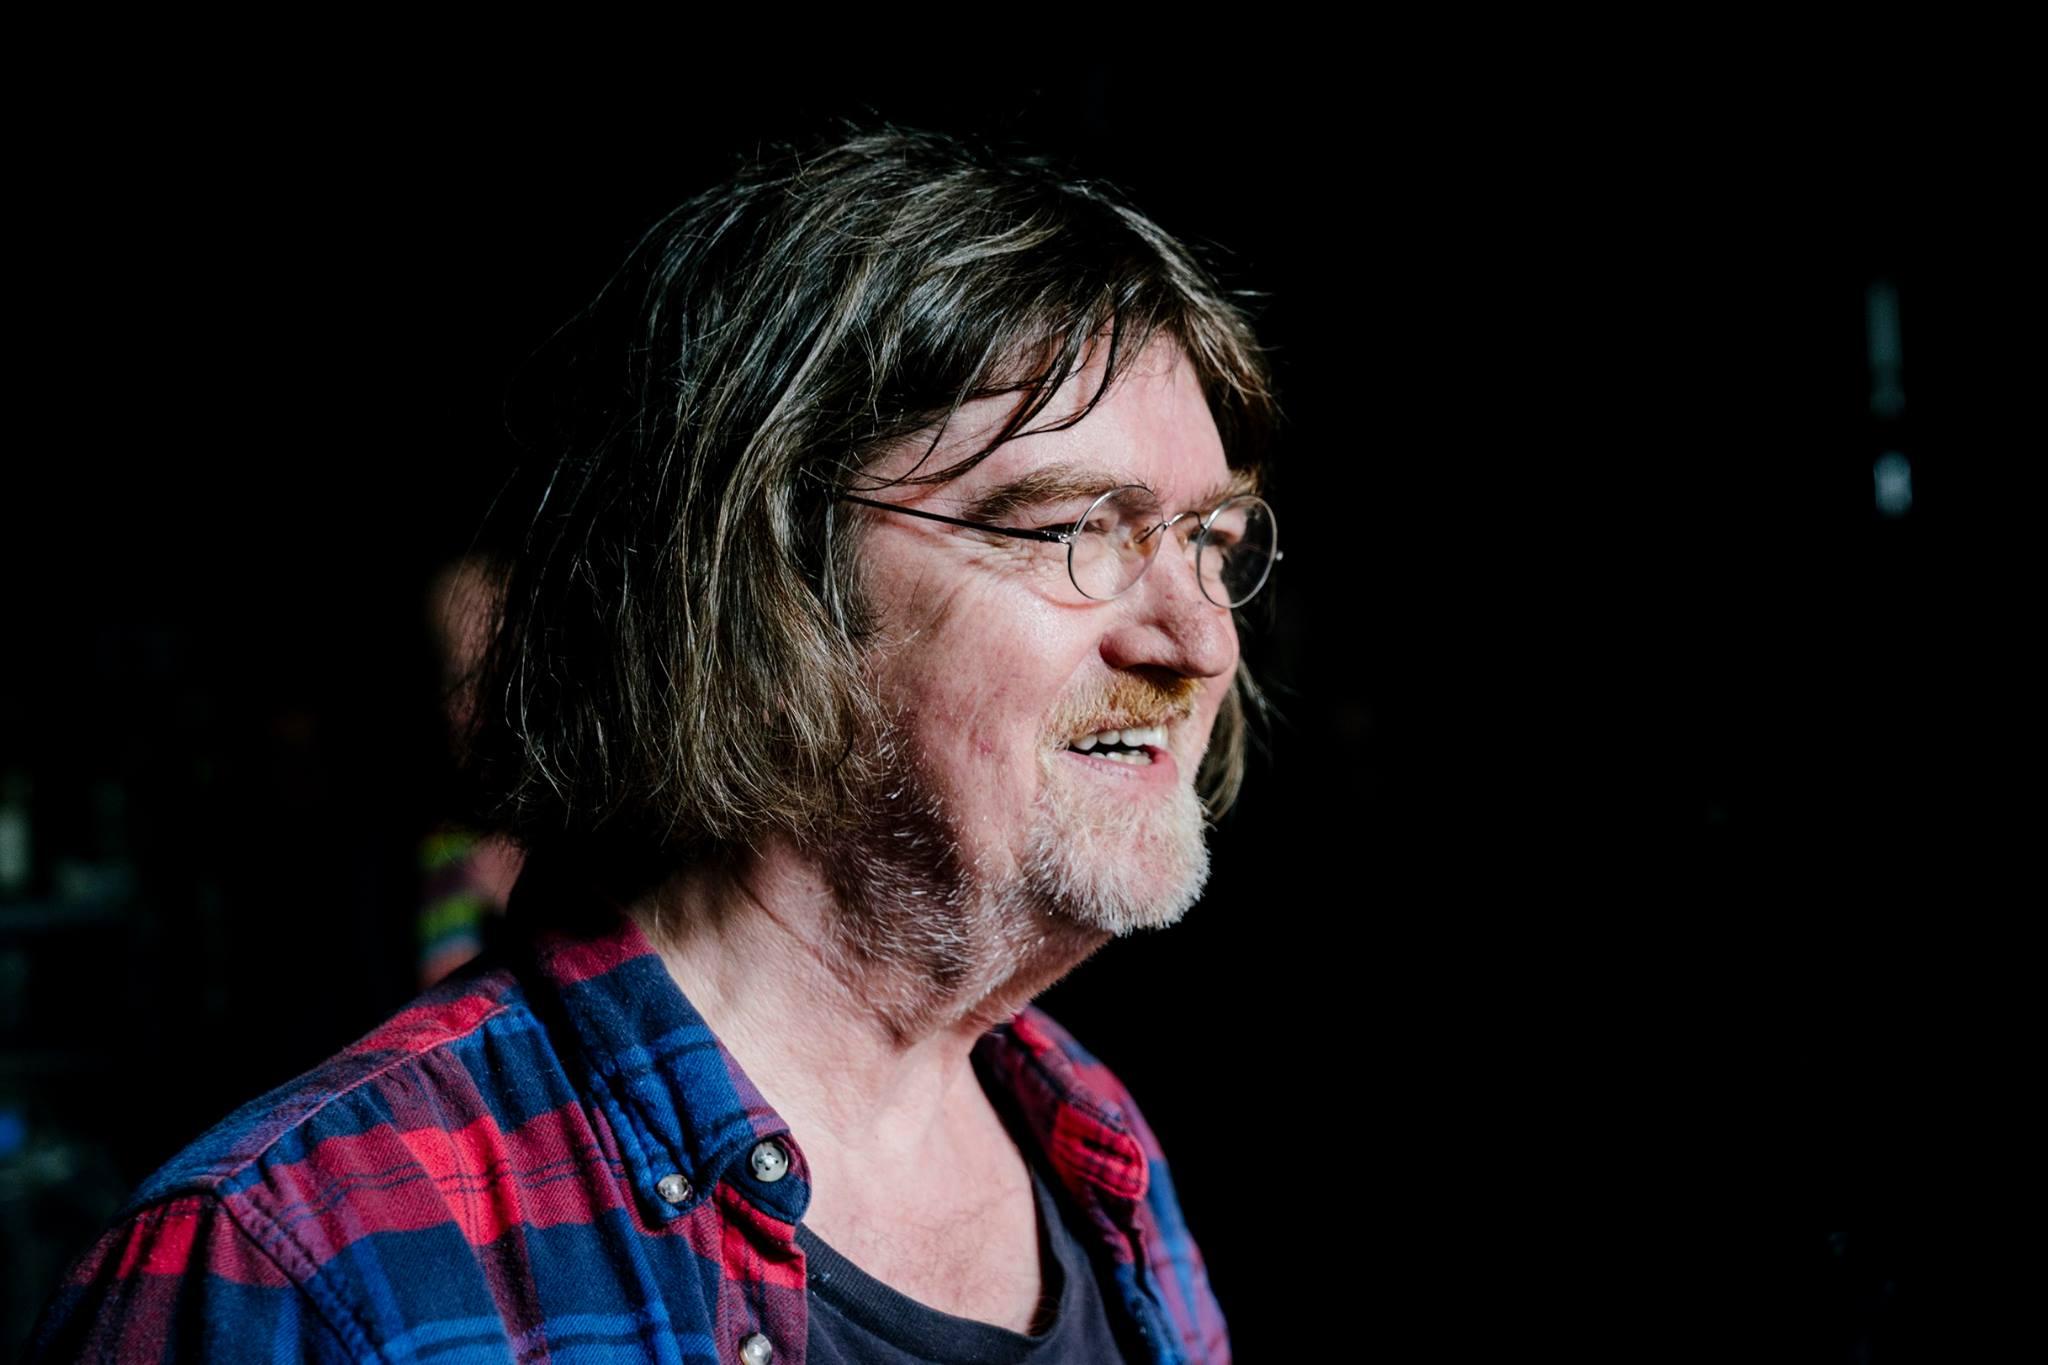 """Johnny Madsen - Johnny Madsen er født den 31. marts 1951 i Thyborøn. Han startede sin musikalske karriere i lokale bands i Thyborøn/Lemvig-området. Midt i 70′erne var han medlem af spillemandsgruppen Rumlekvadrillen, som udsendte tre albums, der i dag betragtes som samlerobjekter. Siden var han med i bluegrass-ensemblet La Porta Band, der udgav en plade i 1981. Madsens sange på denne plade resulterede i, at han blev opfordret til at gå solo, og han debuterede under eget navn i 1982. Siden da er det udelukkende gået fremad for Madsen, og i dag er han blandt de store etablerede navne – ikke mindst på live-scenen. Johnny Madsen har også udgivet sammen med Peter Belli, Nanna og Billy Cross under navnet Hobo Ekspressen, hvor de i 1989 fik et stort hit med """"En at bli' som."""" Madsen er endvidere også en respekteret kunstmaler."""